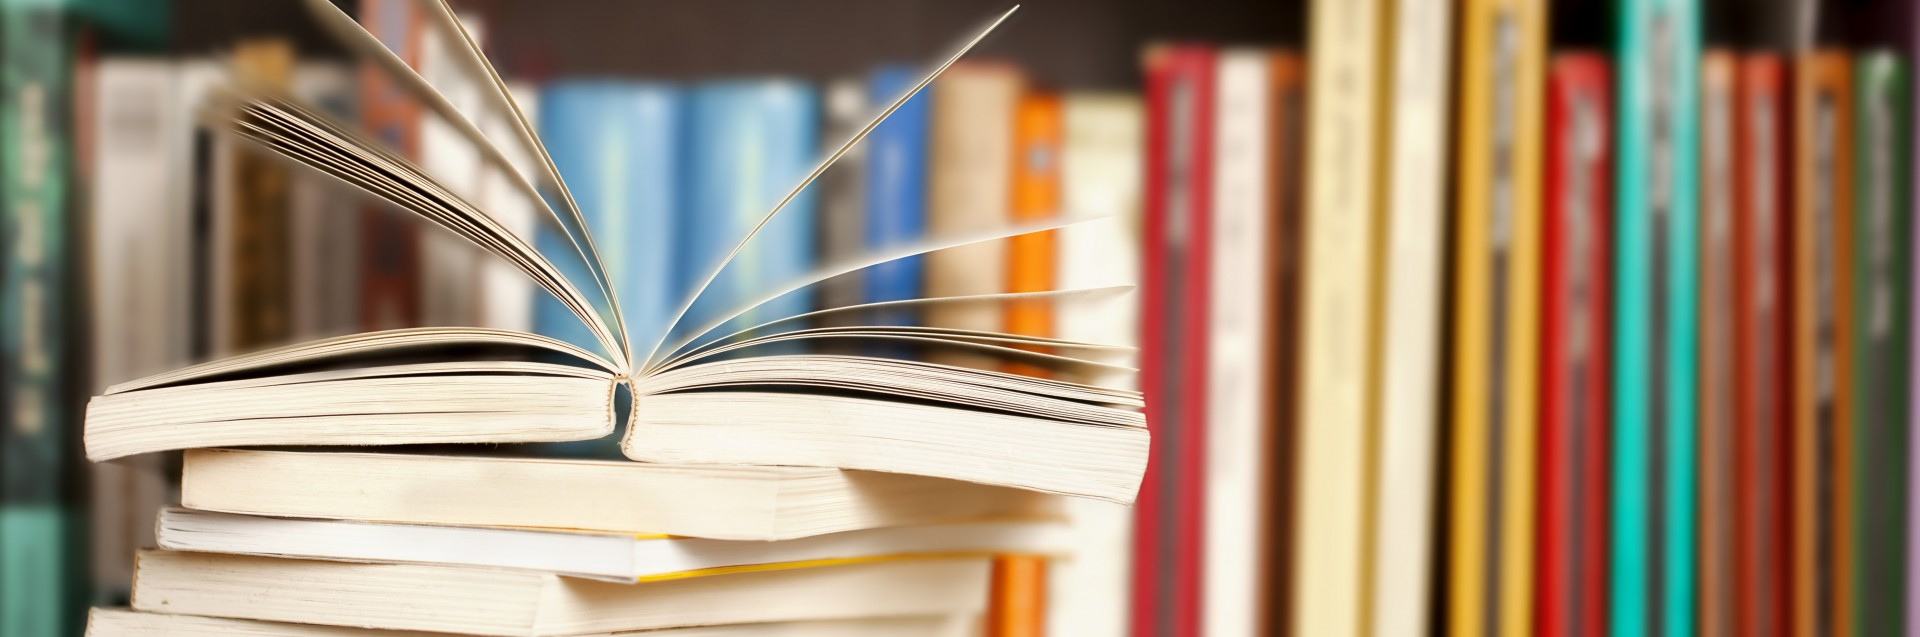 Bøker i bokhylle